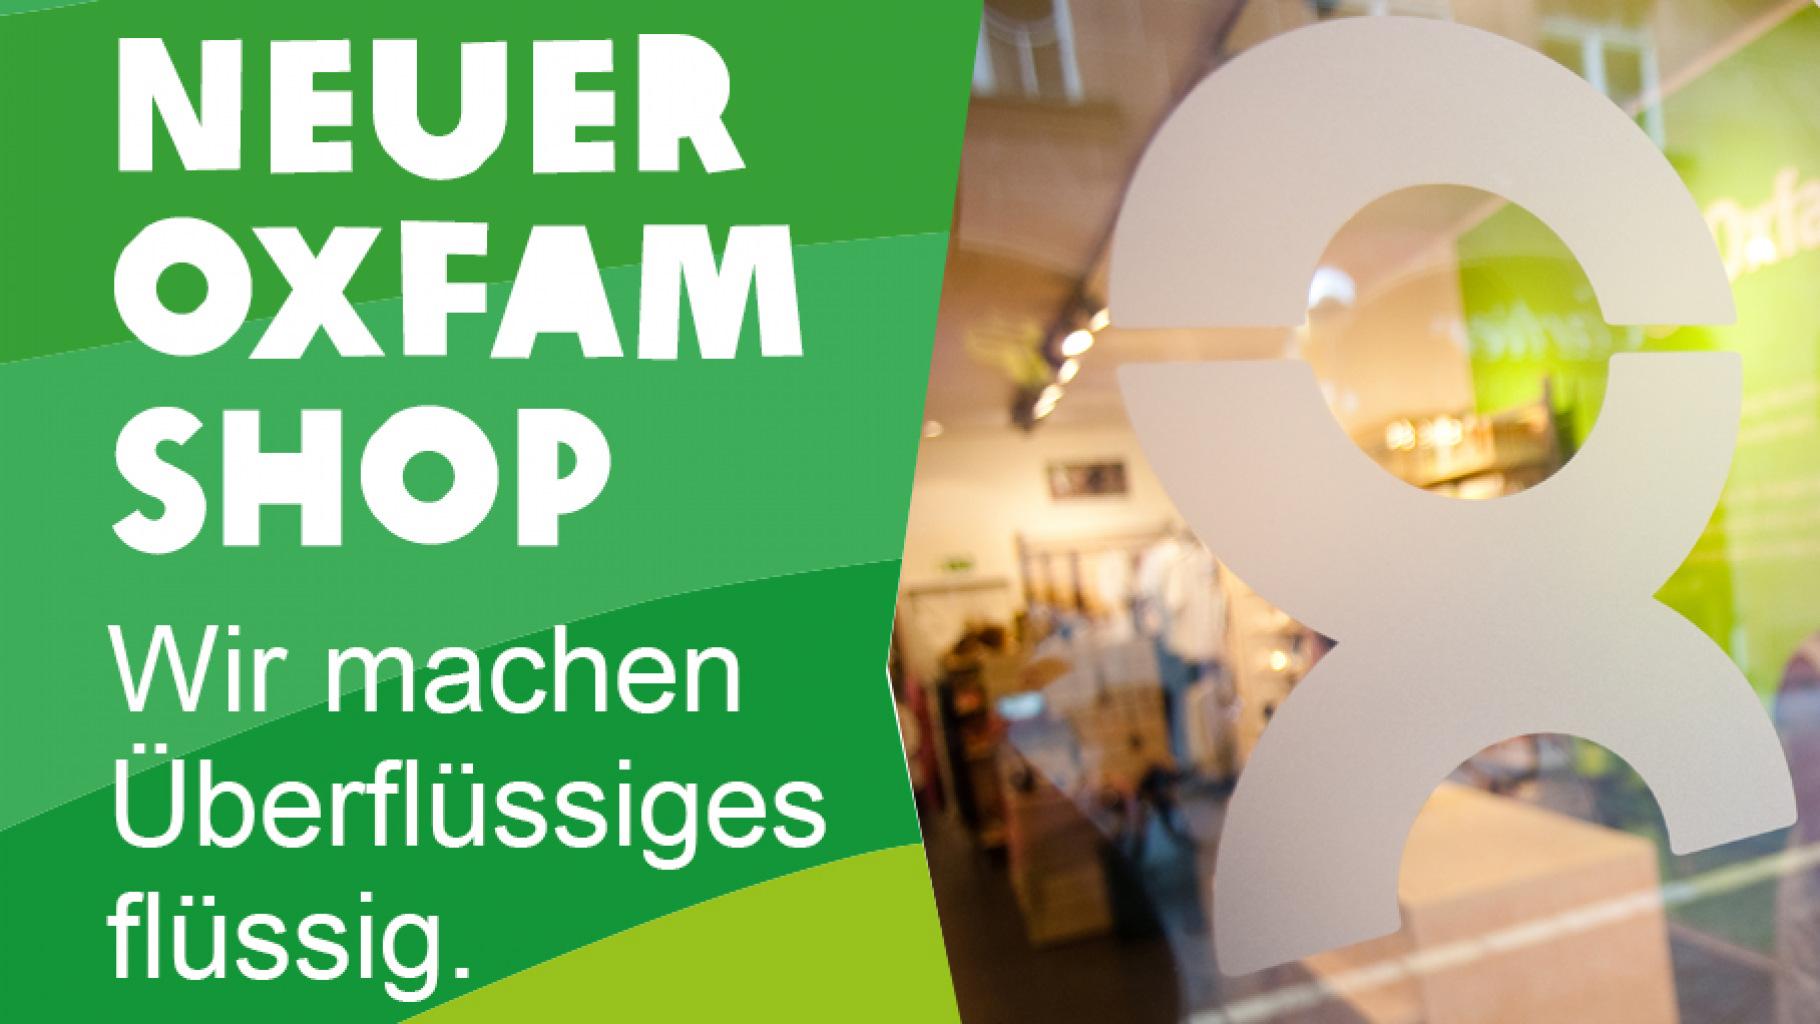 Neuer Oxfam Shop: Wir machen Überflüssiges flüssig